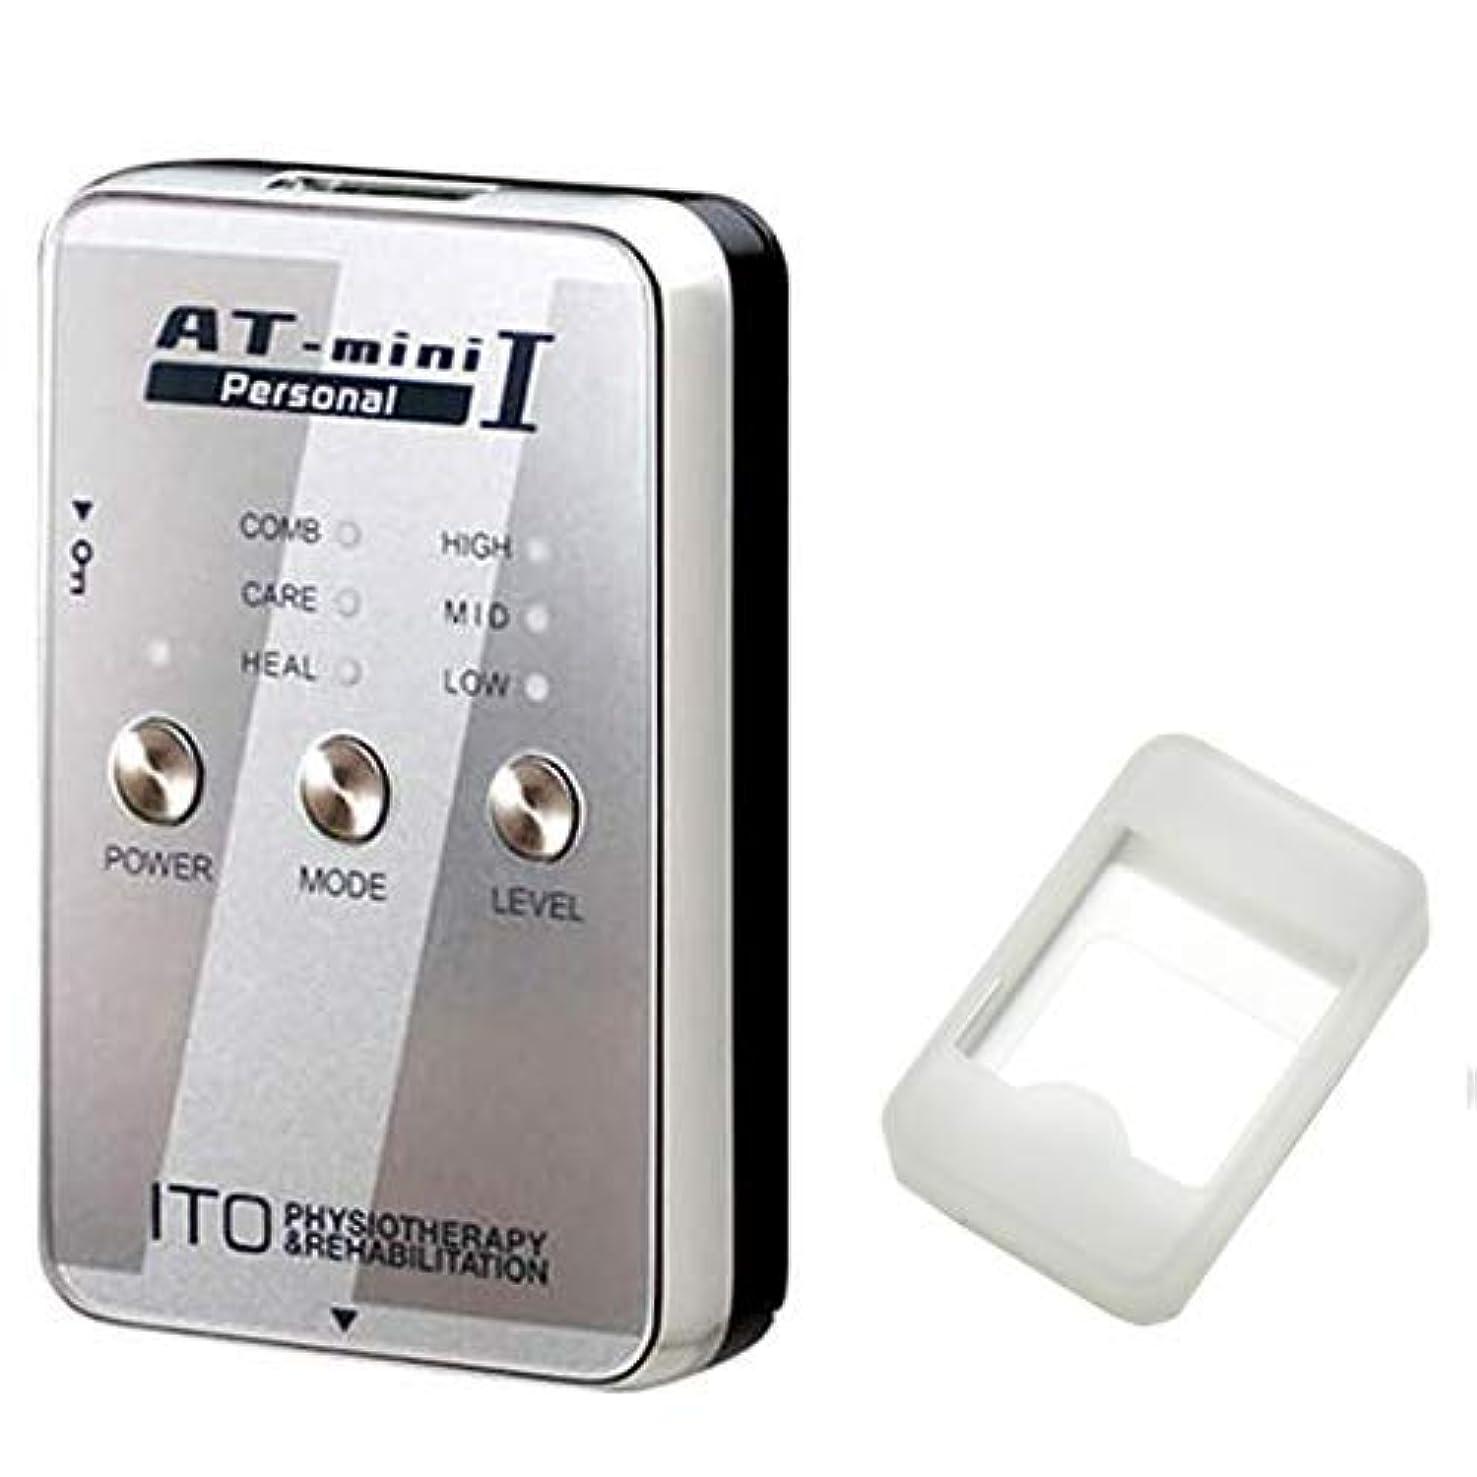 送料民間人タンカー低周波治療器 AT-mini personal I シルバー (ATミニパーソナル1) + シリコン保護ケース